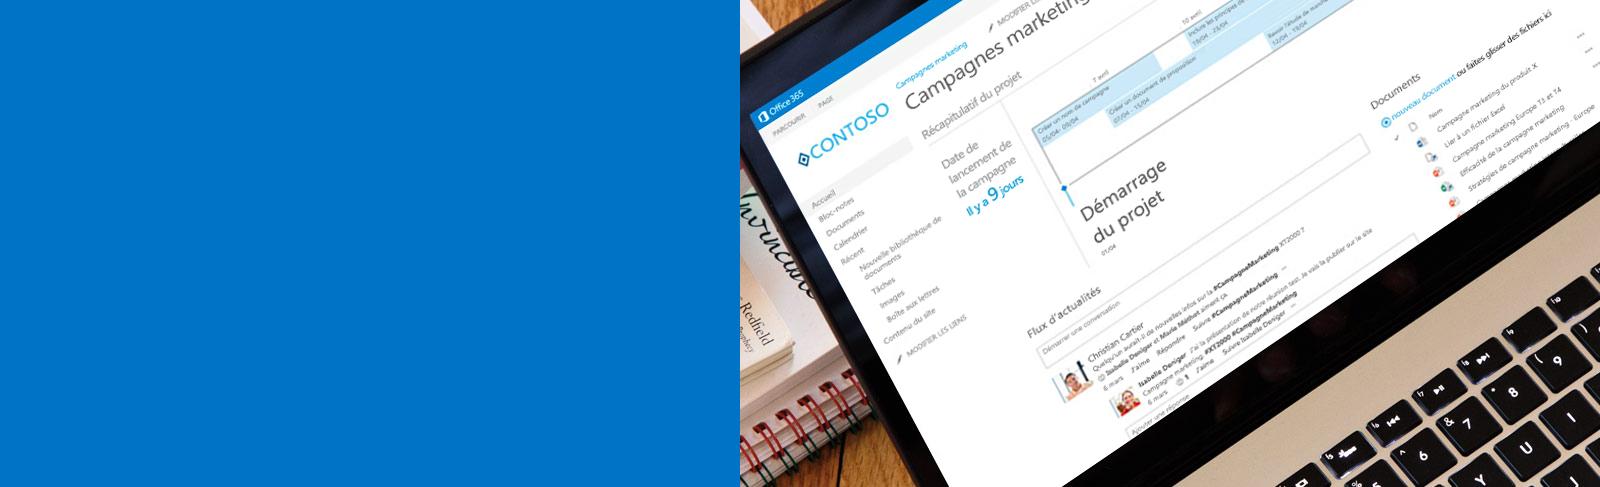 Ordinateur portable affichant un document consulté via SharePoint.